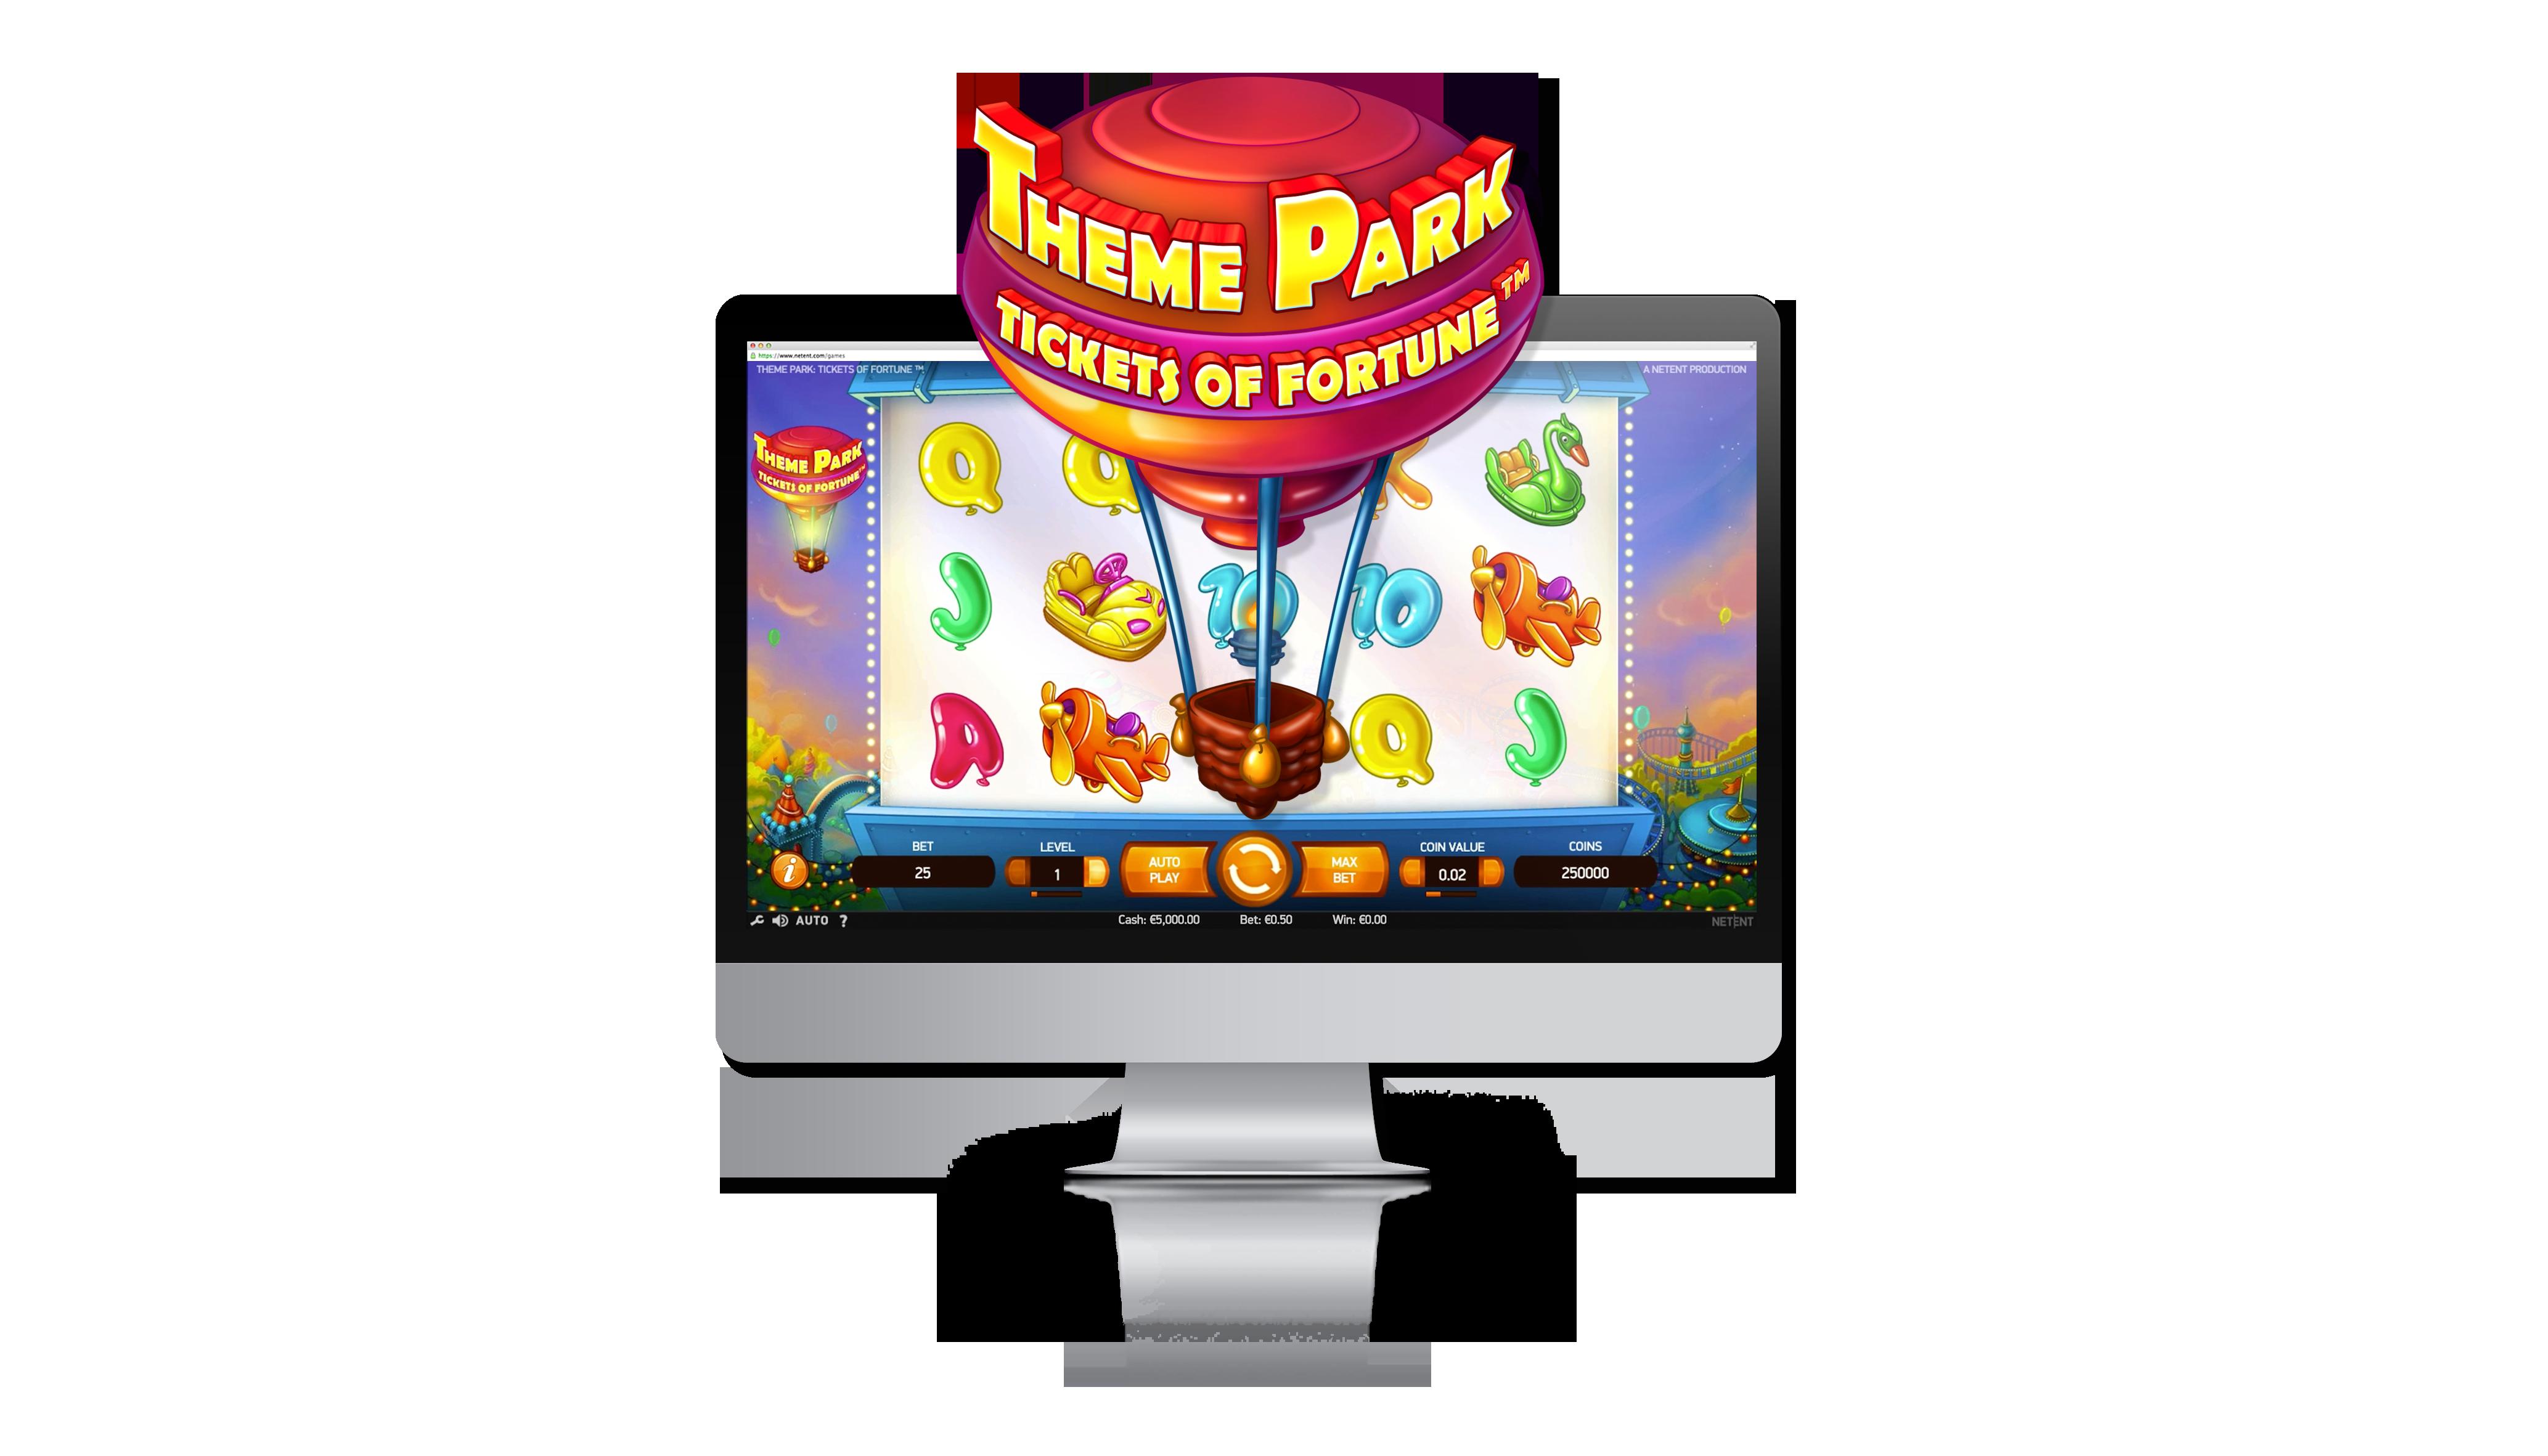 theme park netent